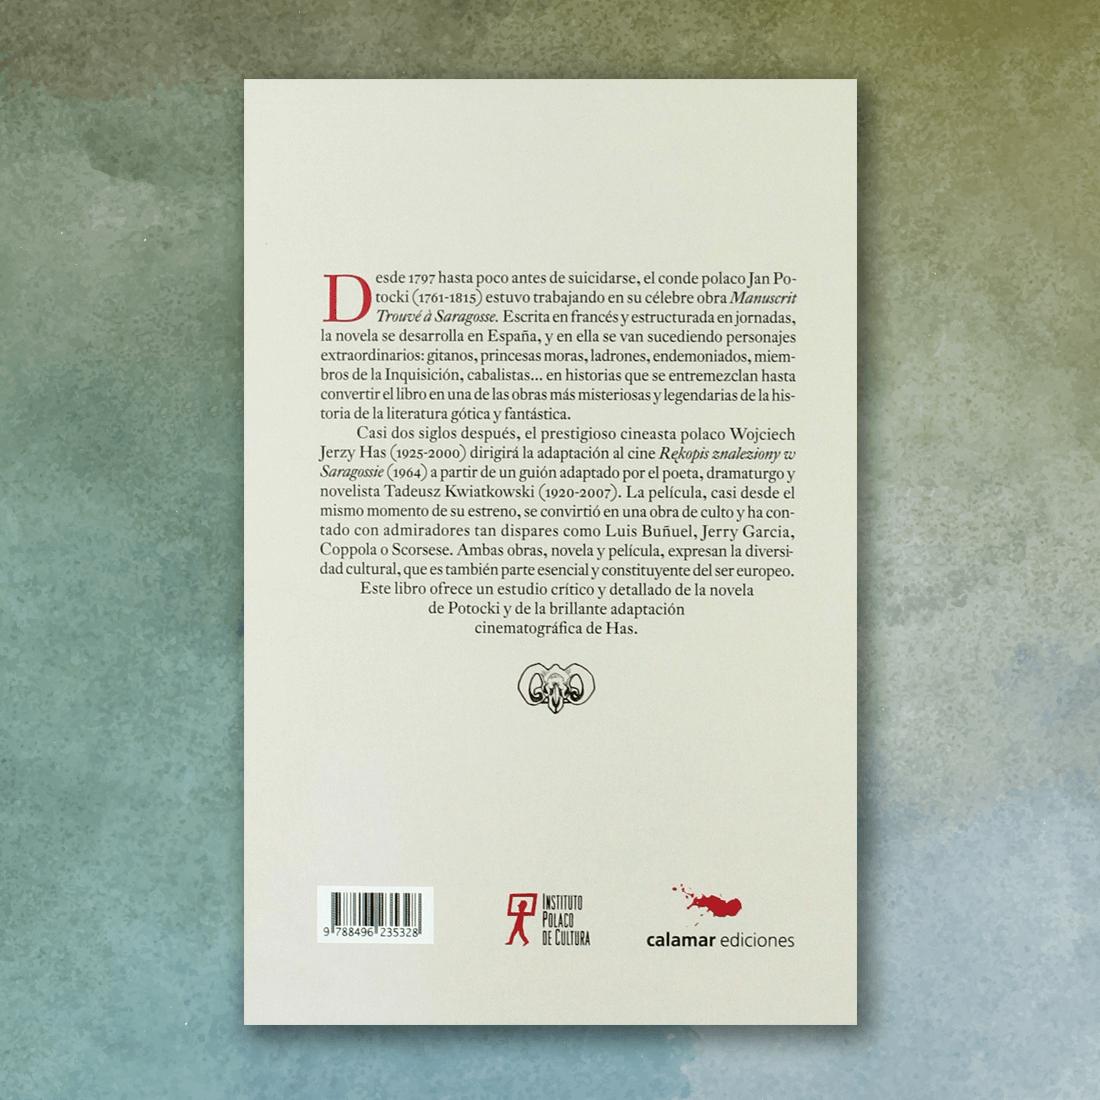 El manuscrito encontrado en Zaragoza (Contraportada) - Diego Moldes